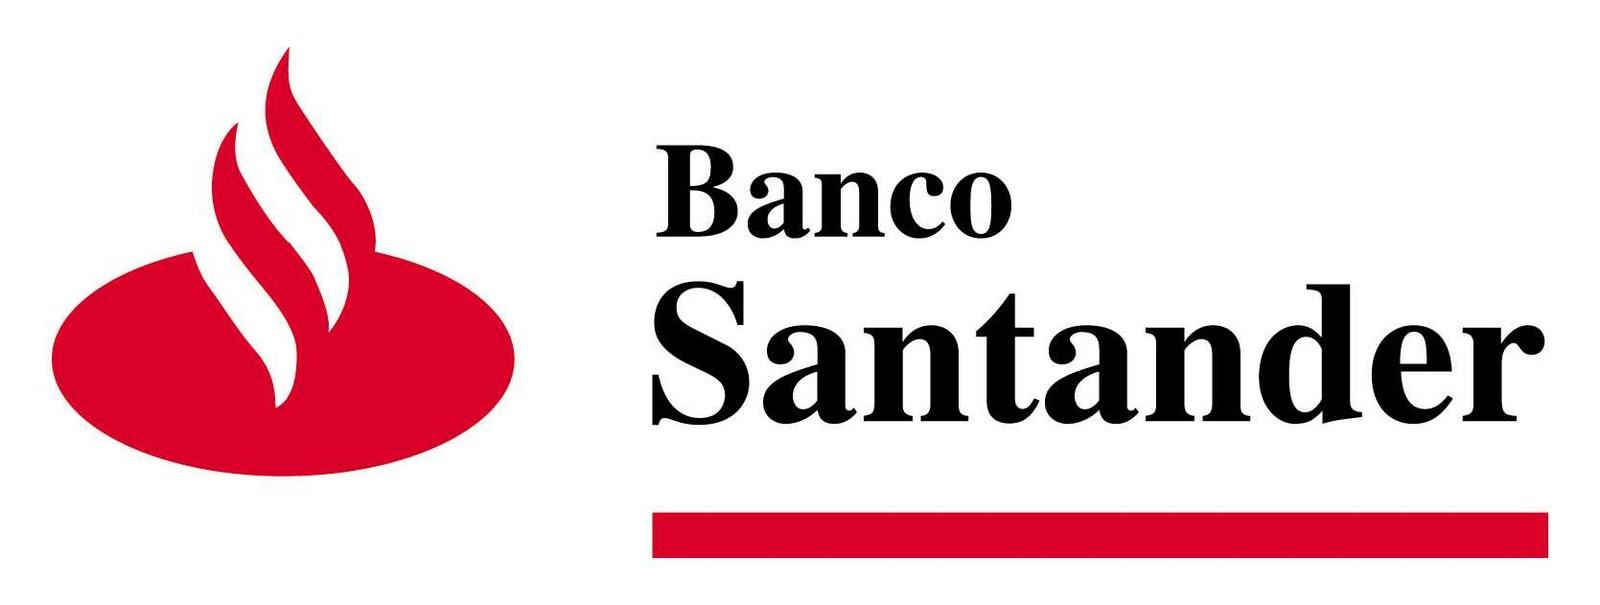 El buscador de las marcas campa a publicitaria banco for Banco santander buscador oficinas